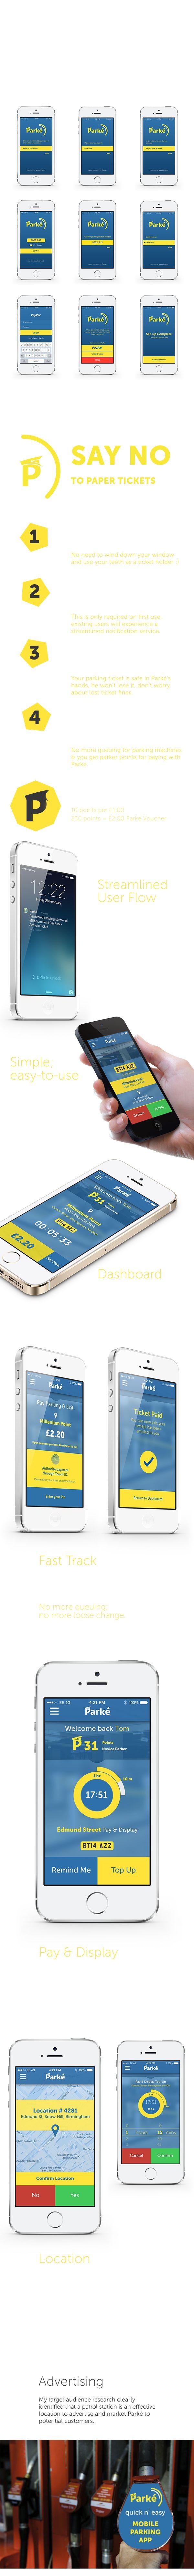 Parké | Mobile Parking iOS App by Ollie Cox, via Behance